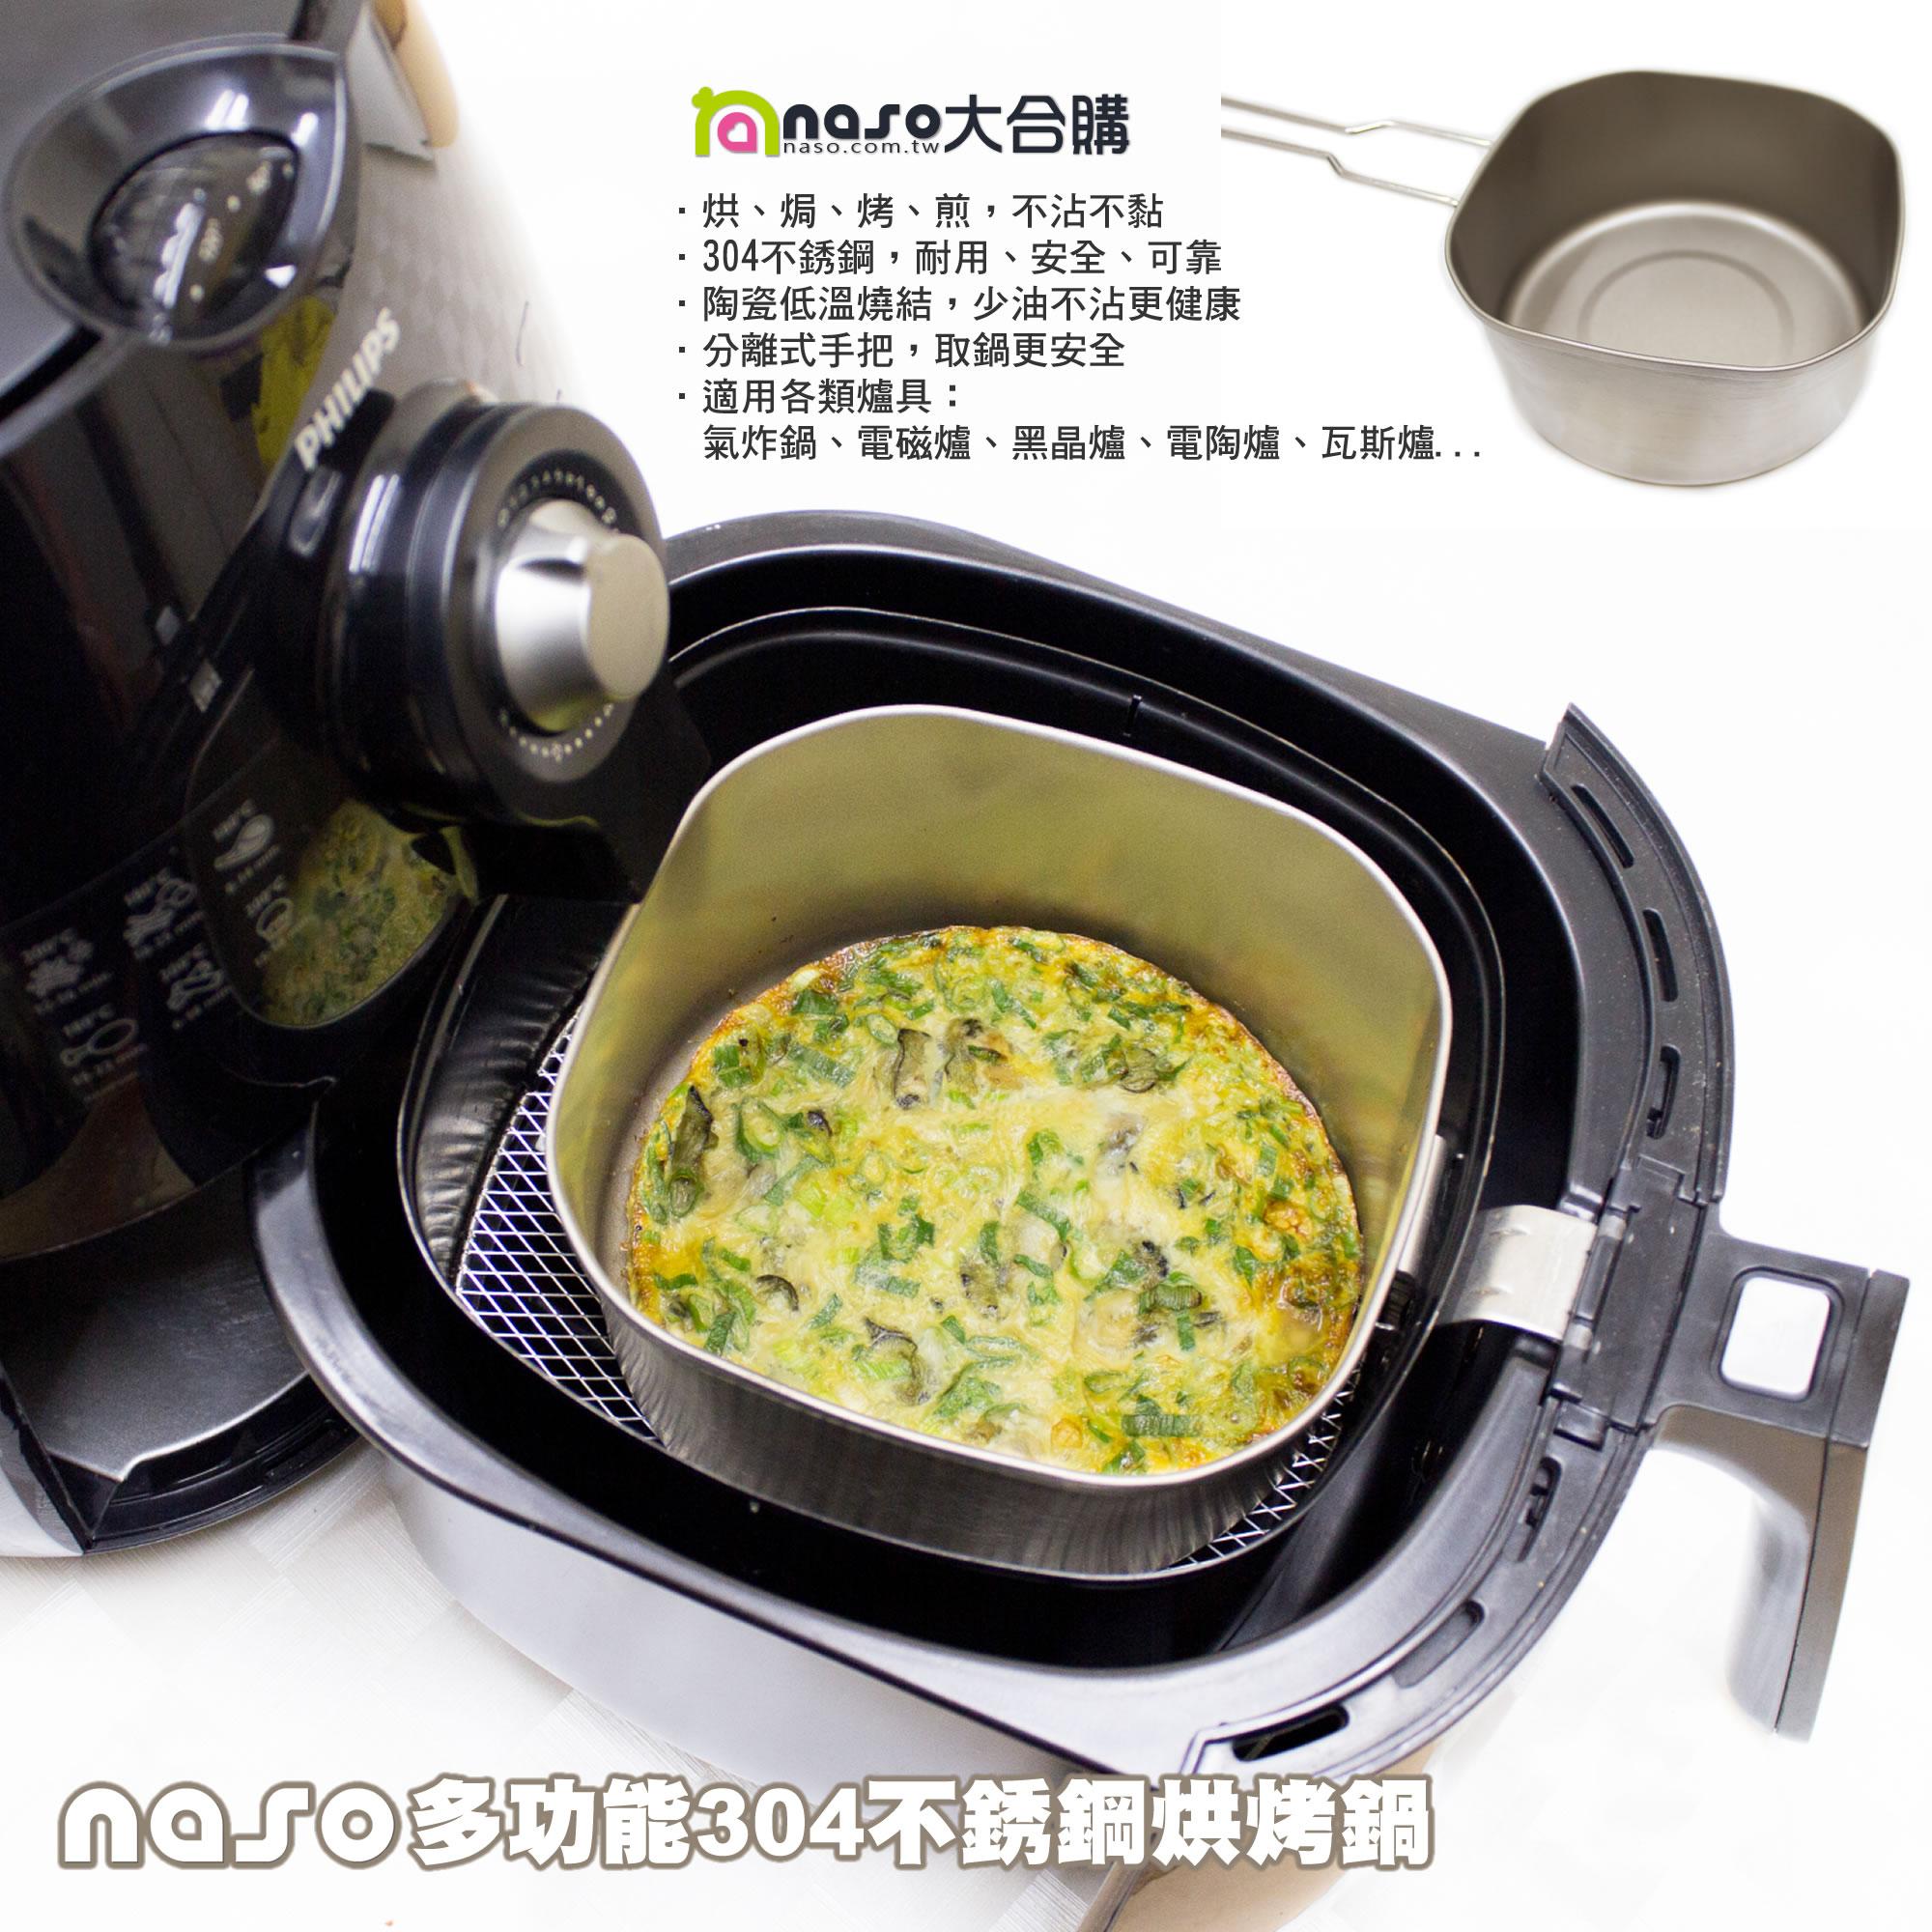 【台灣製造】naso多功能304不銹鋼烘烤鍋 好評第22團